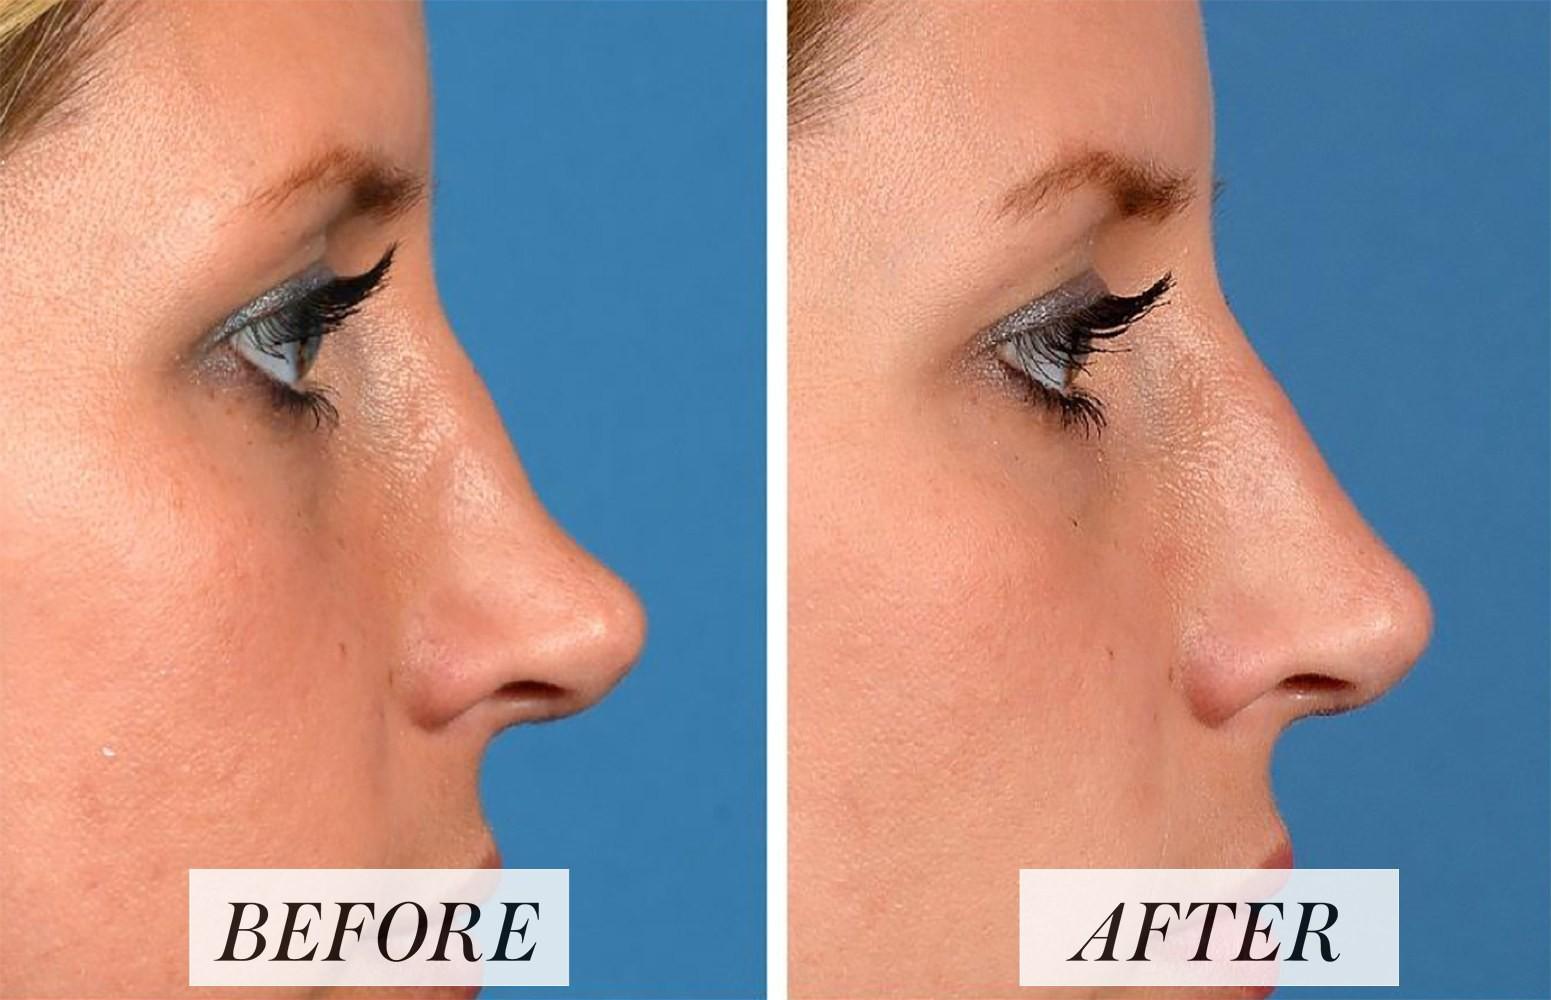 Nâng mũi không phẫu thuật: Không cần động dao kéo, không đau đớn nhưng đã khiến 1 người phụ nữ bị mù mắt - Ảnh 2.